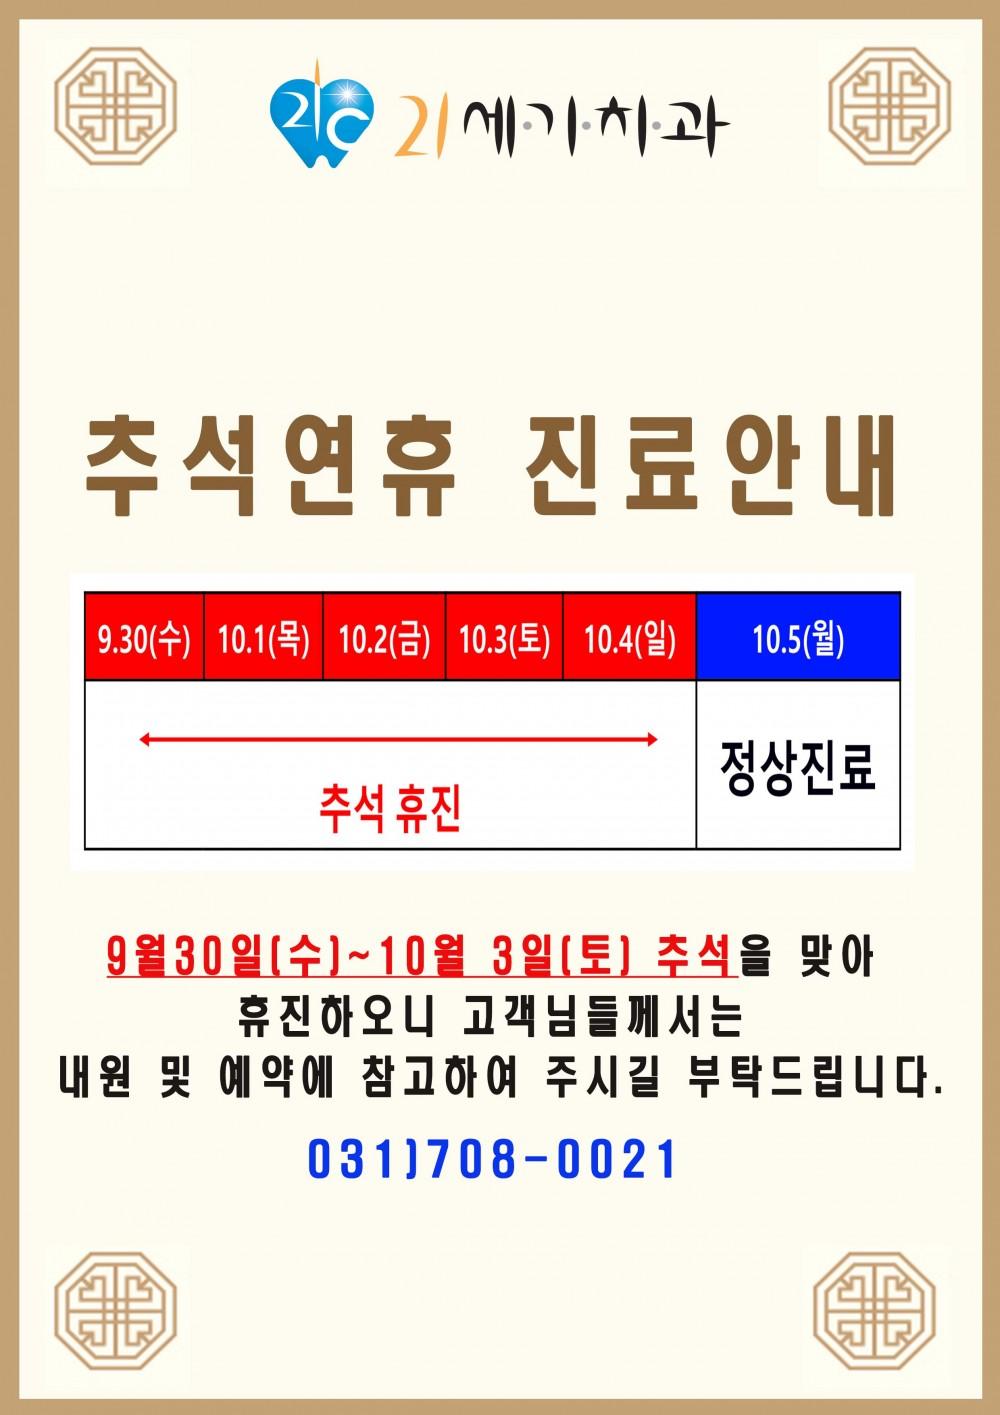 5bdca5177197b5ff6f7353b46b81eaca_1601274